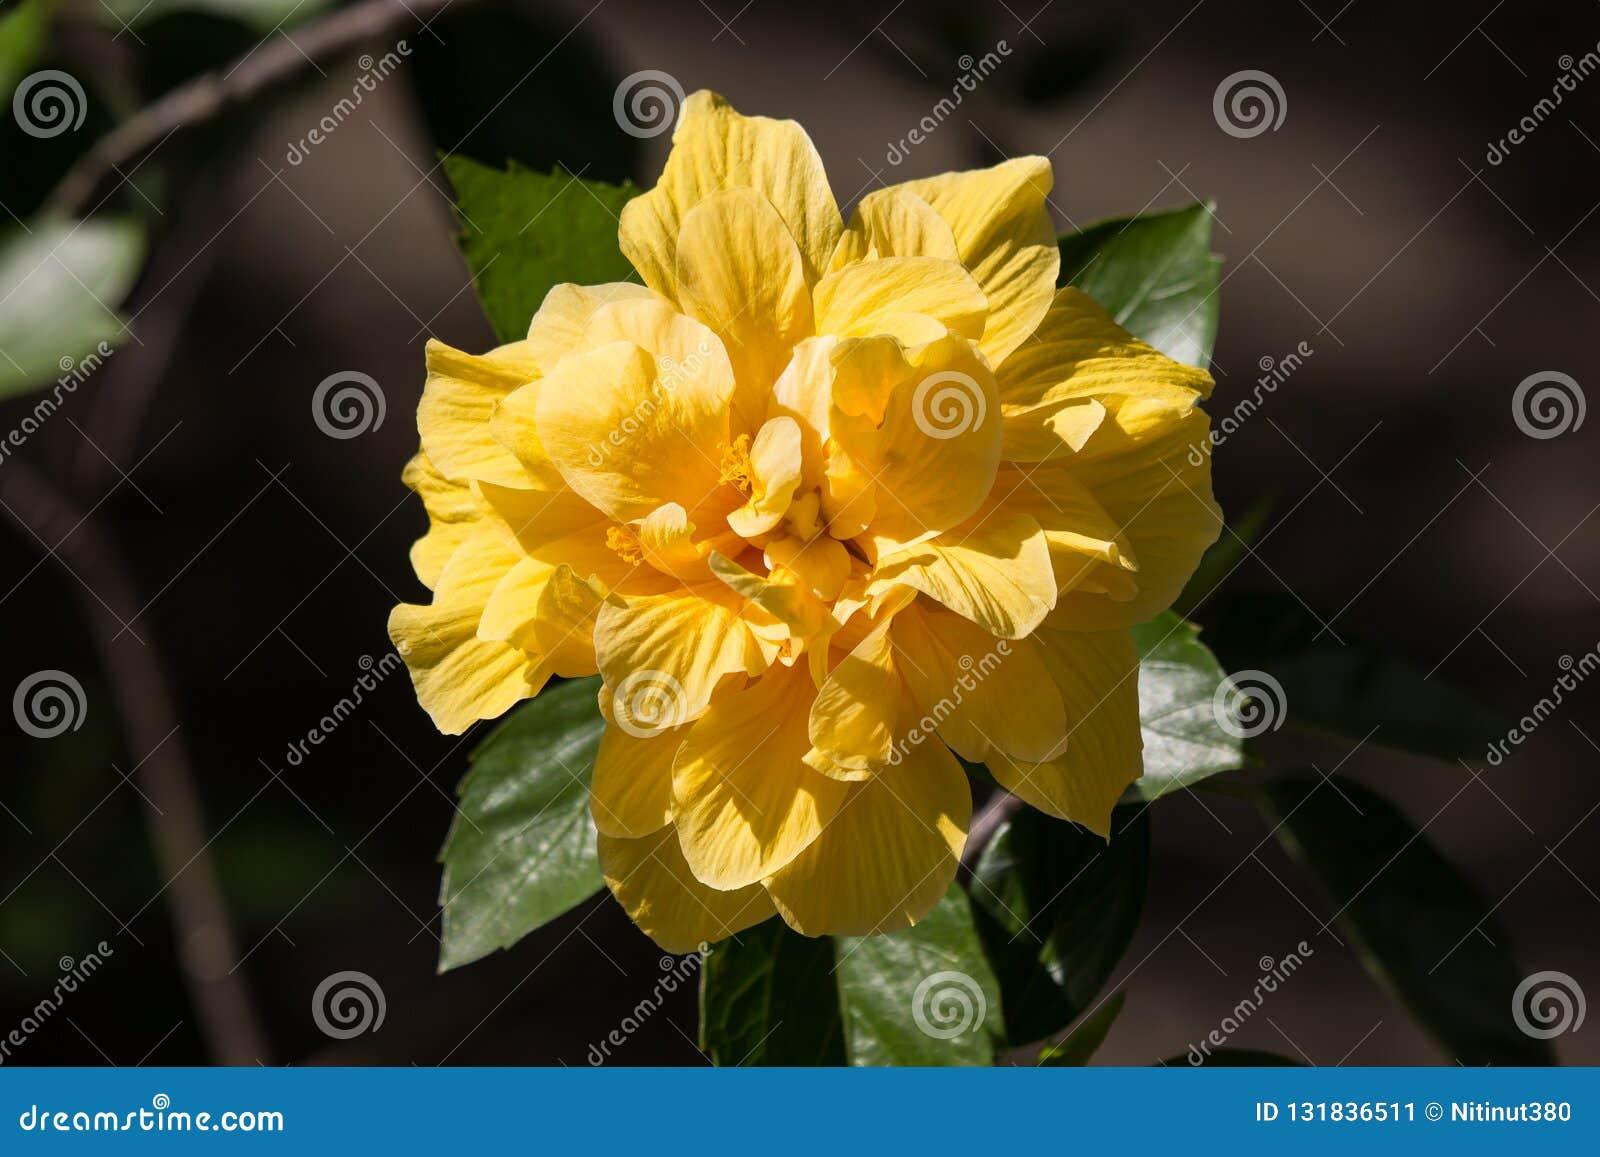 黄色木槿花在黑dard背景中